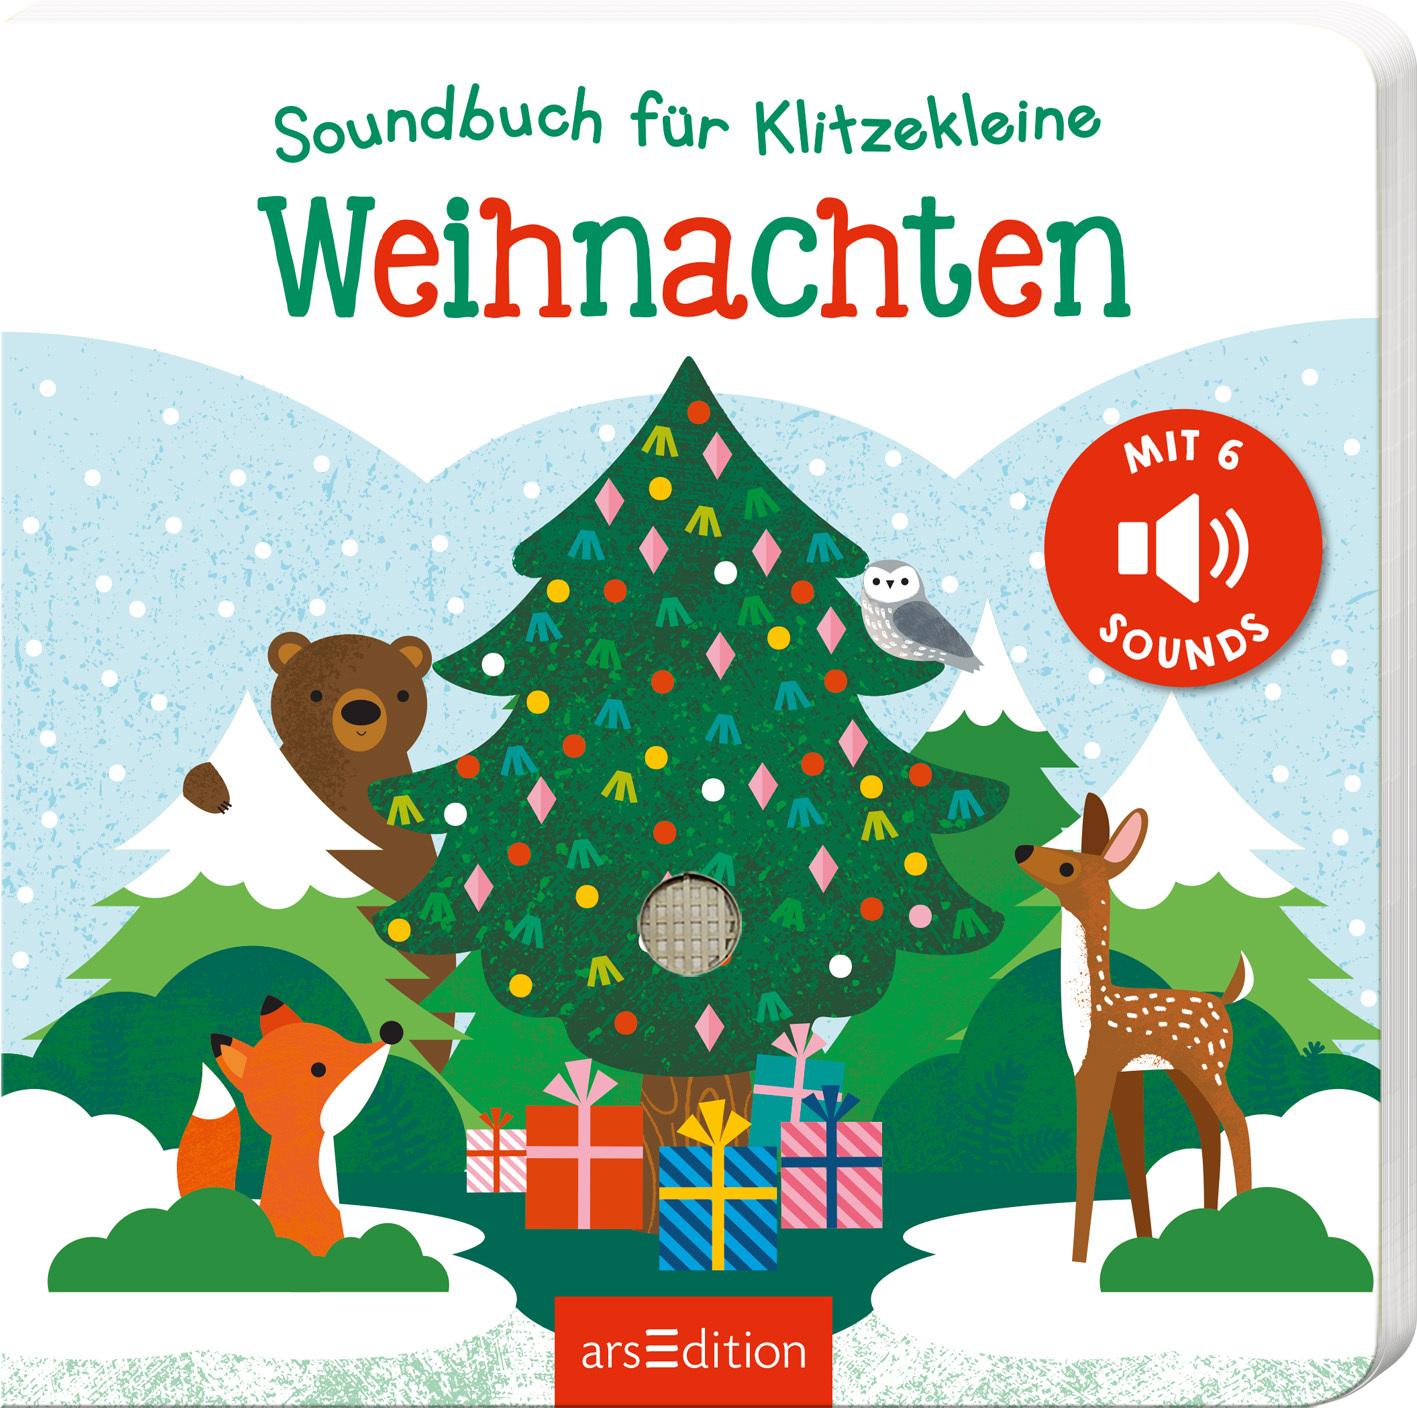 »SOUNDBUCH FÜR KLITZEKLEINE - WEIHNACHTEN«  —  ARS EDITION